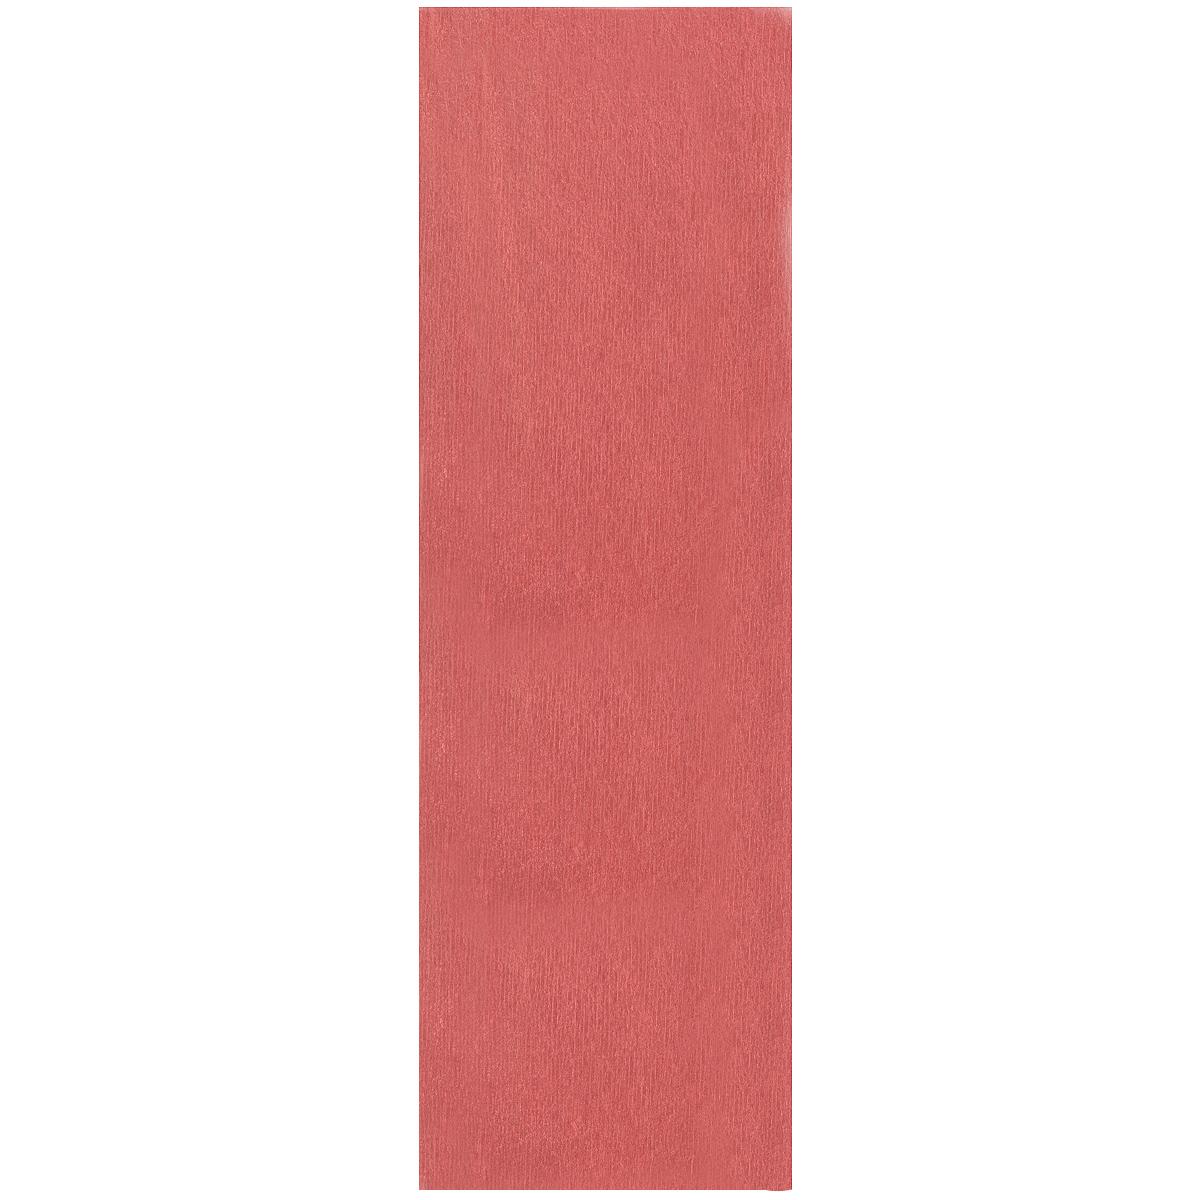 Бумага крепированная Проф-Пресс, металлизированная, цвет: красный, 50 см х 250 см97775318Крепированная металлизированная бумага Проф-Пресс - отличный вариант для воплощения творческих идей не только детей, но и взрослых. Она отлично подойдет для упаковки хрупких изделий, при оформлении букетов, создании сложных цветовых композиций, для декорирования и других оформительских работ. Бумага обладает повышенной прочностью и жесткостью, хорошо растягивается, имеет жатую поверхность.Кроме того, металлизированная бумага Проф-Пресс поможет увлечь ребенка, развивая интерес к художественному творчеству, эстетический вкус и восприятие, увеличивая желание делать подарки своими руками, воспитывая самостоятельность и аккуратность в работе. Такая бумага поможет вашему ребенку раскрыть свои таланты.